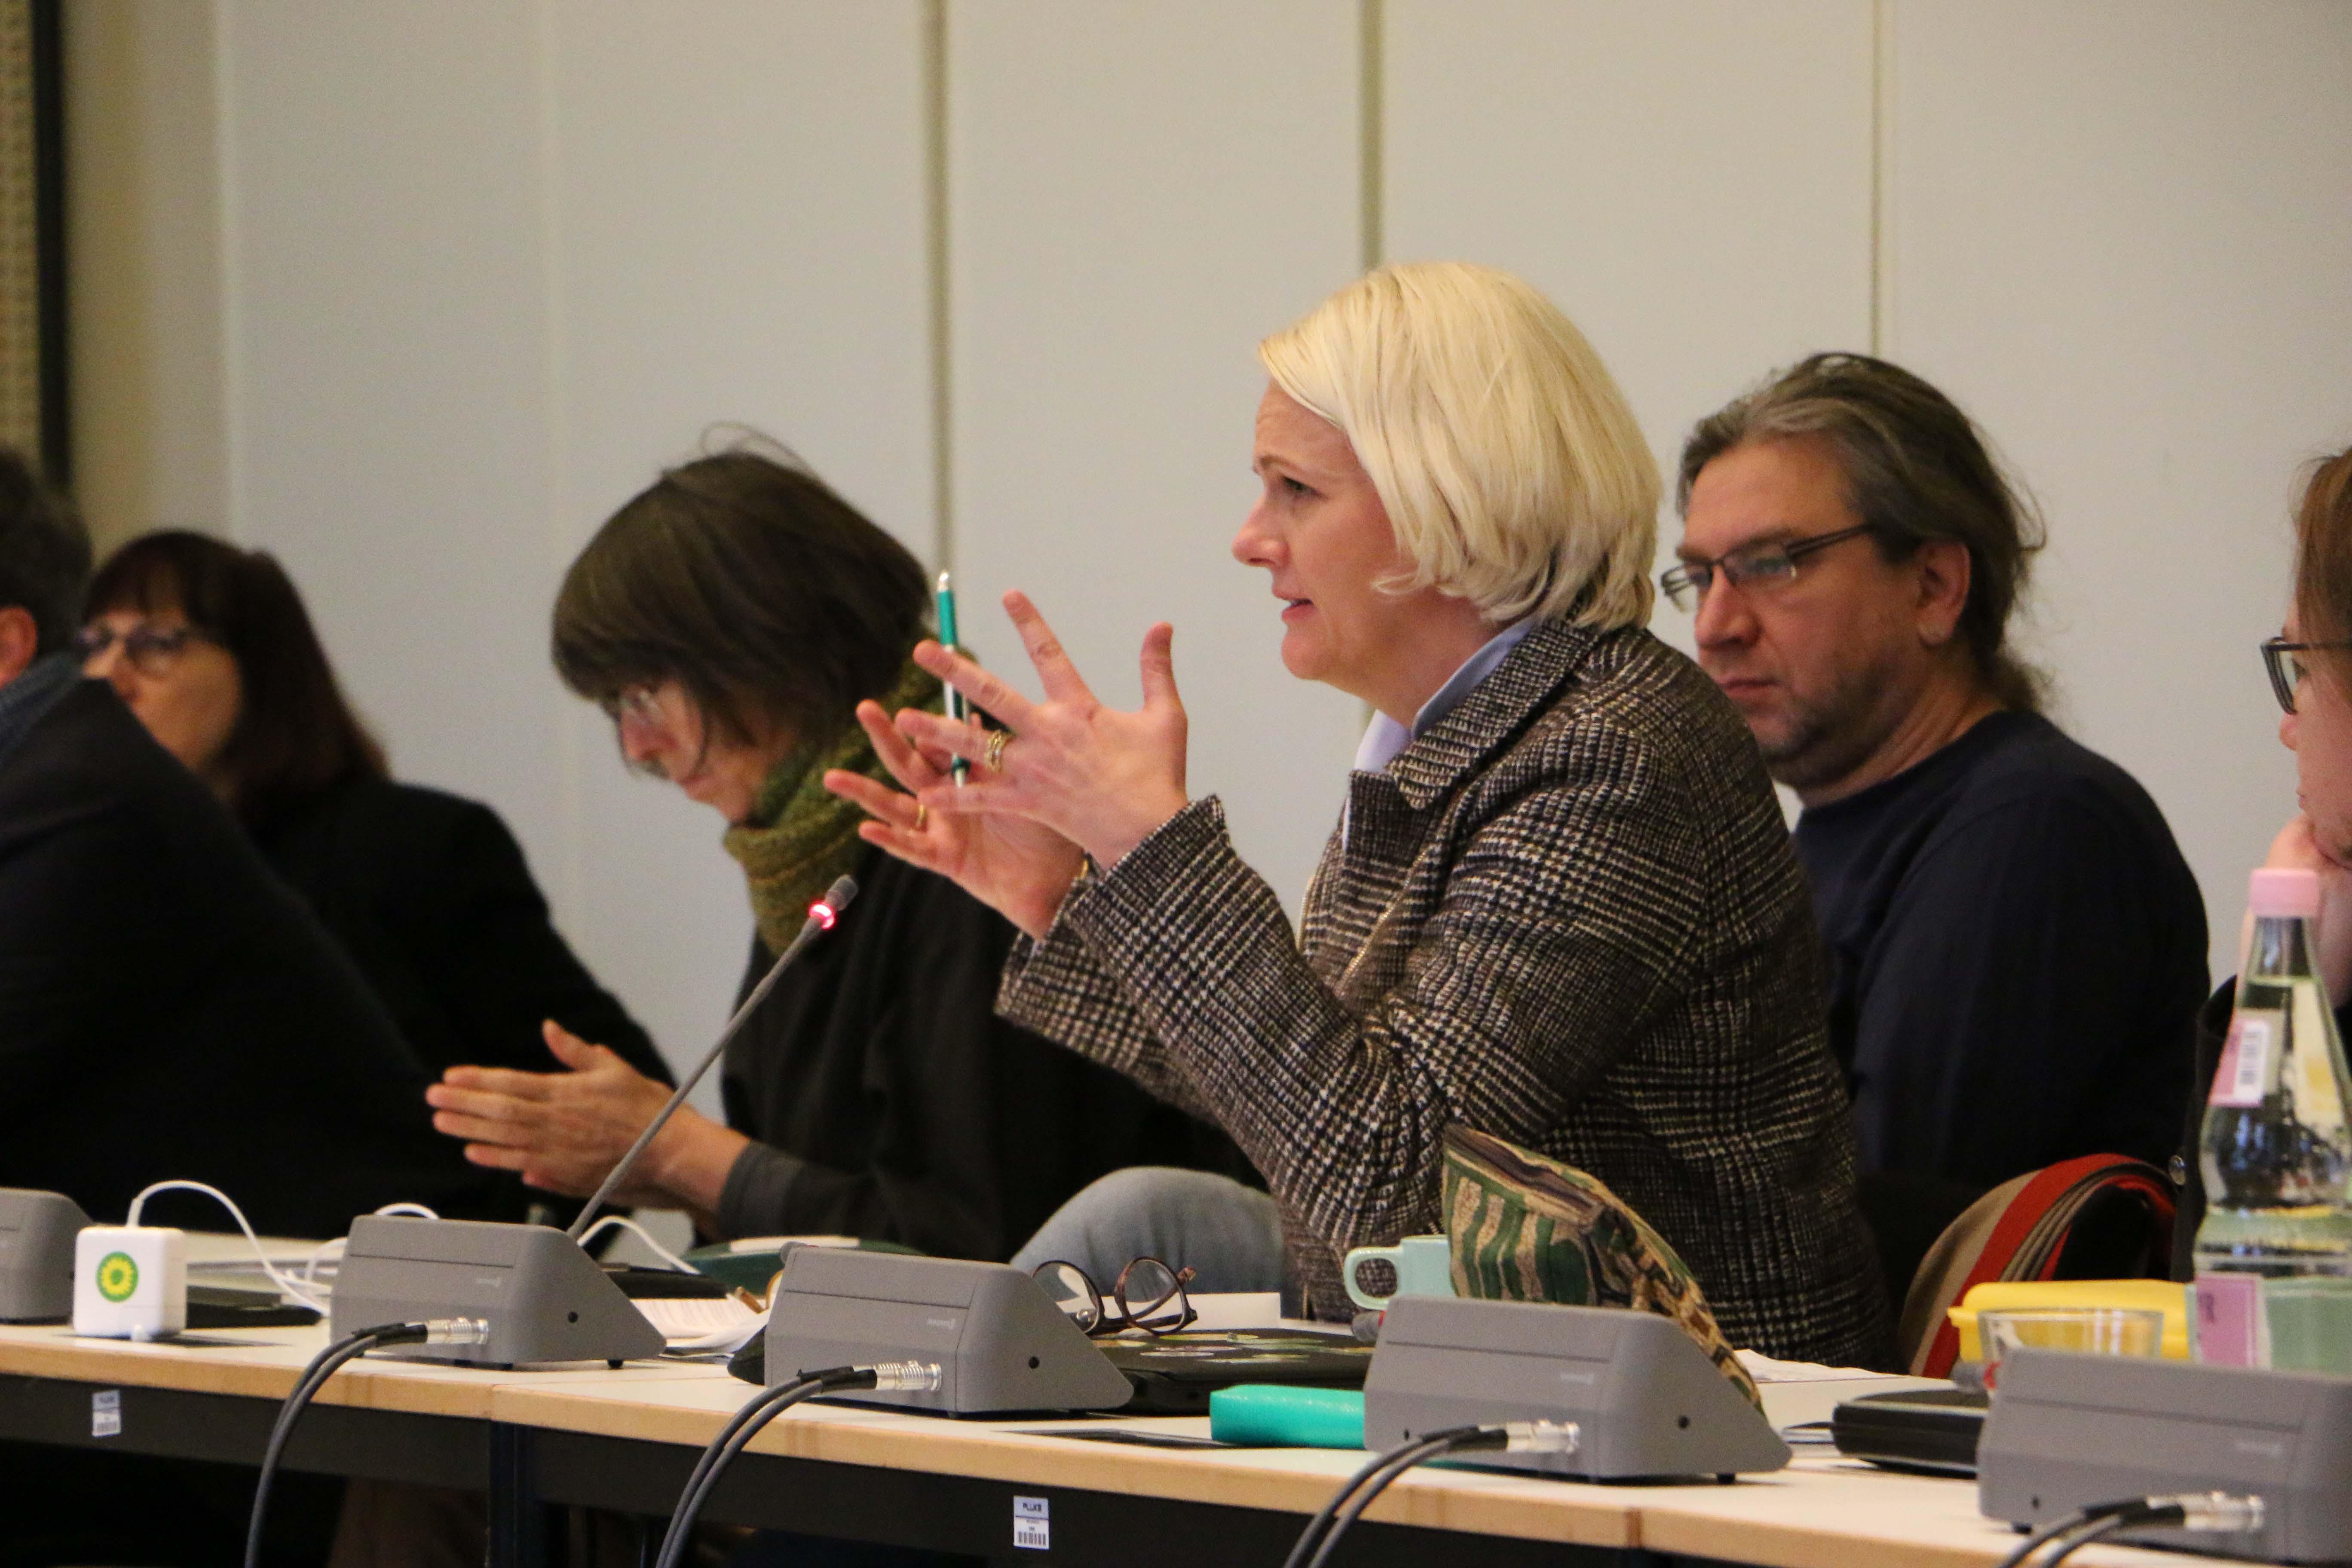 Regine Günther tauscht sich aus und stimmt sich gemeinsam mit der Fraktion auf das Jahr 2019 ein